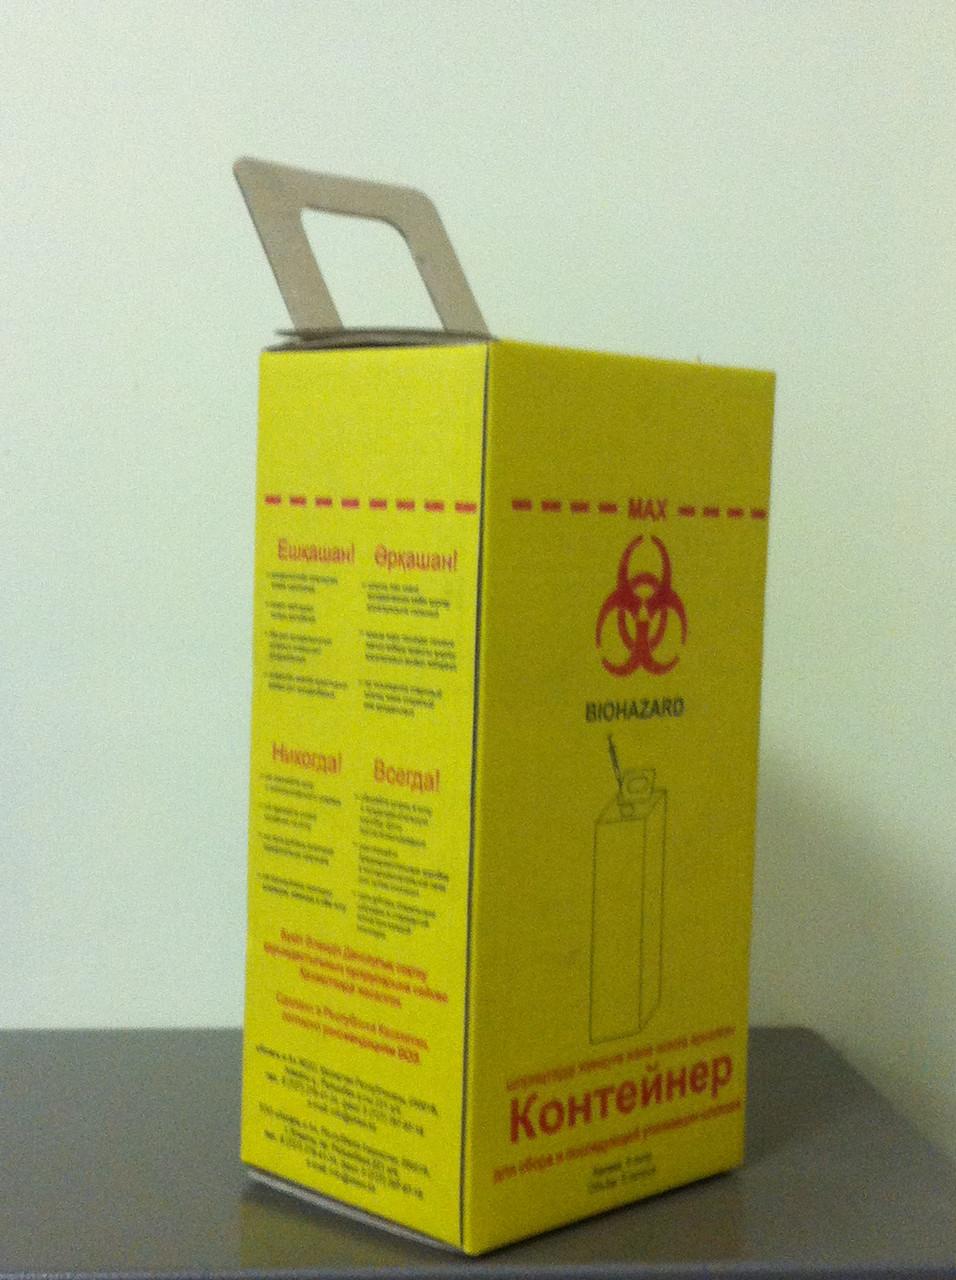 Контейнер картонный, трехслойный, гофрированный для сбора медицинских отходов на 5 л, Класс Б, цвет желтый